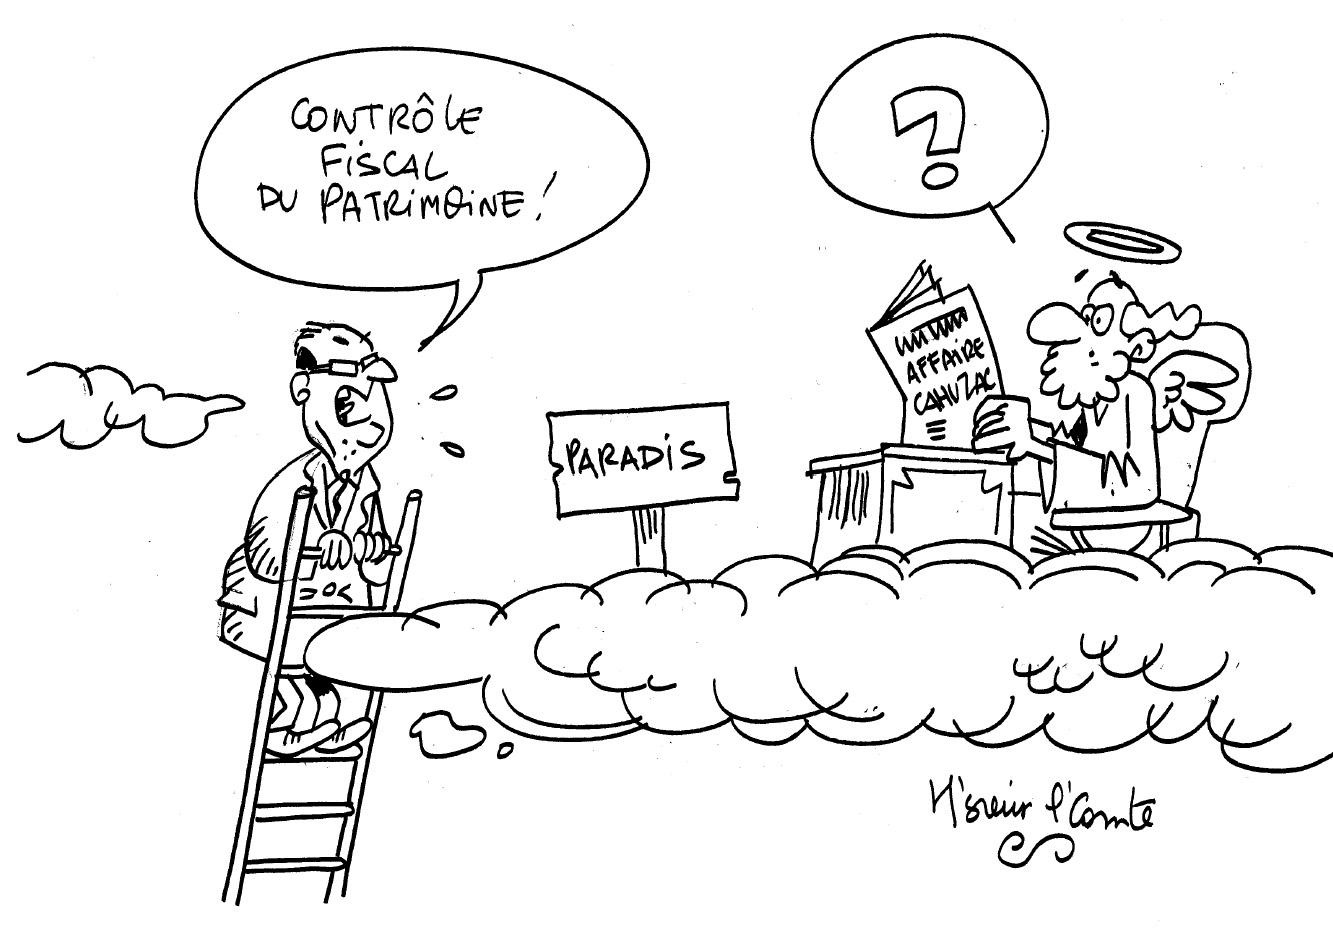 Les dessins de M'Sieur l'Comte : y'a plus de paradis fiscal